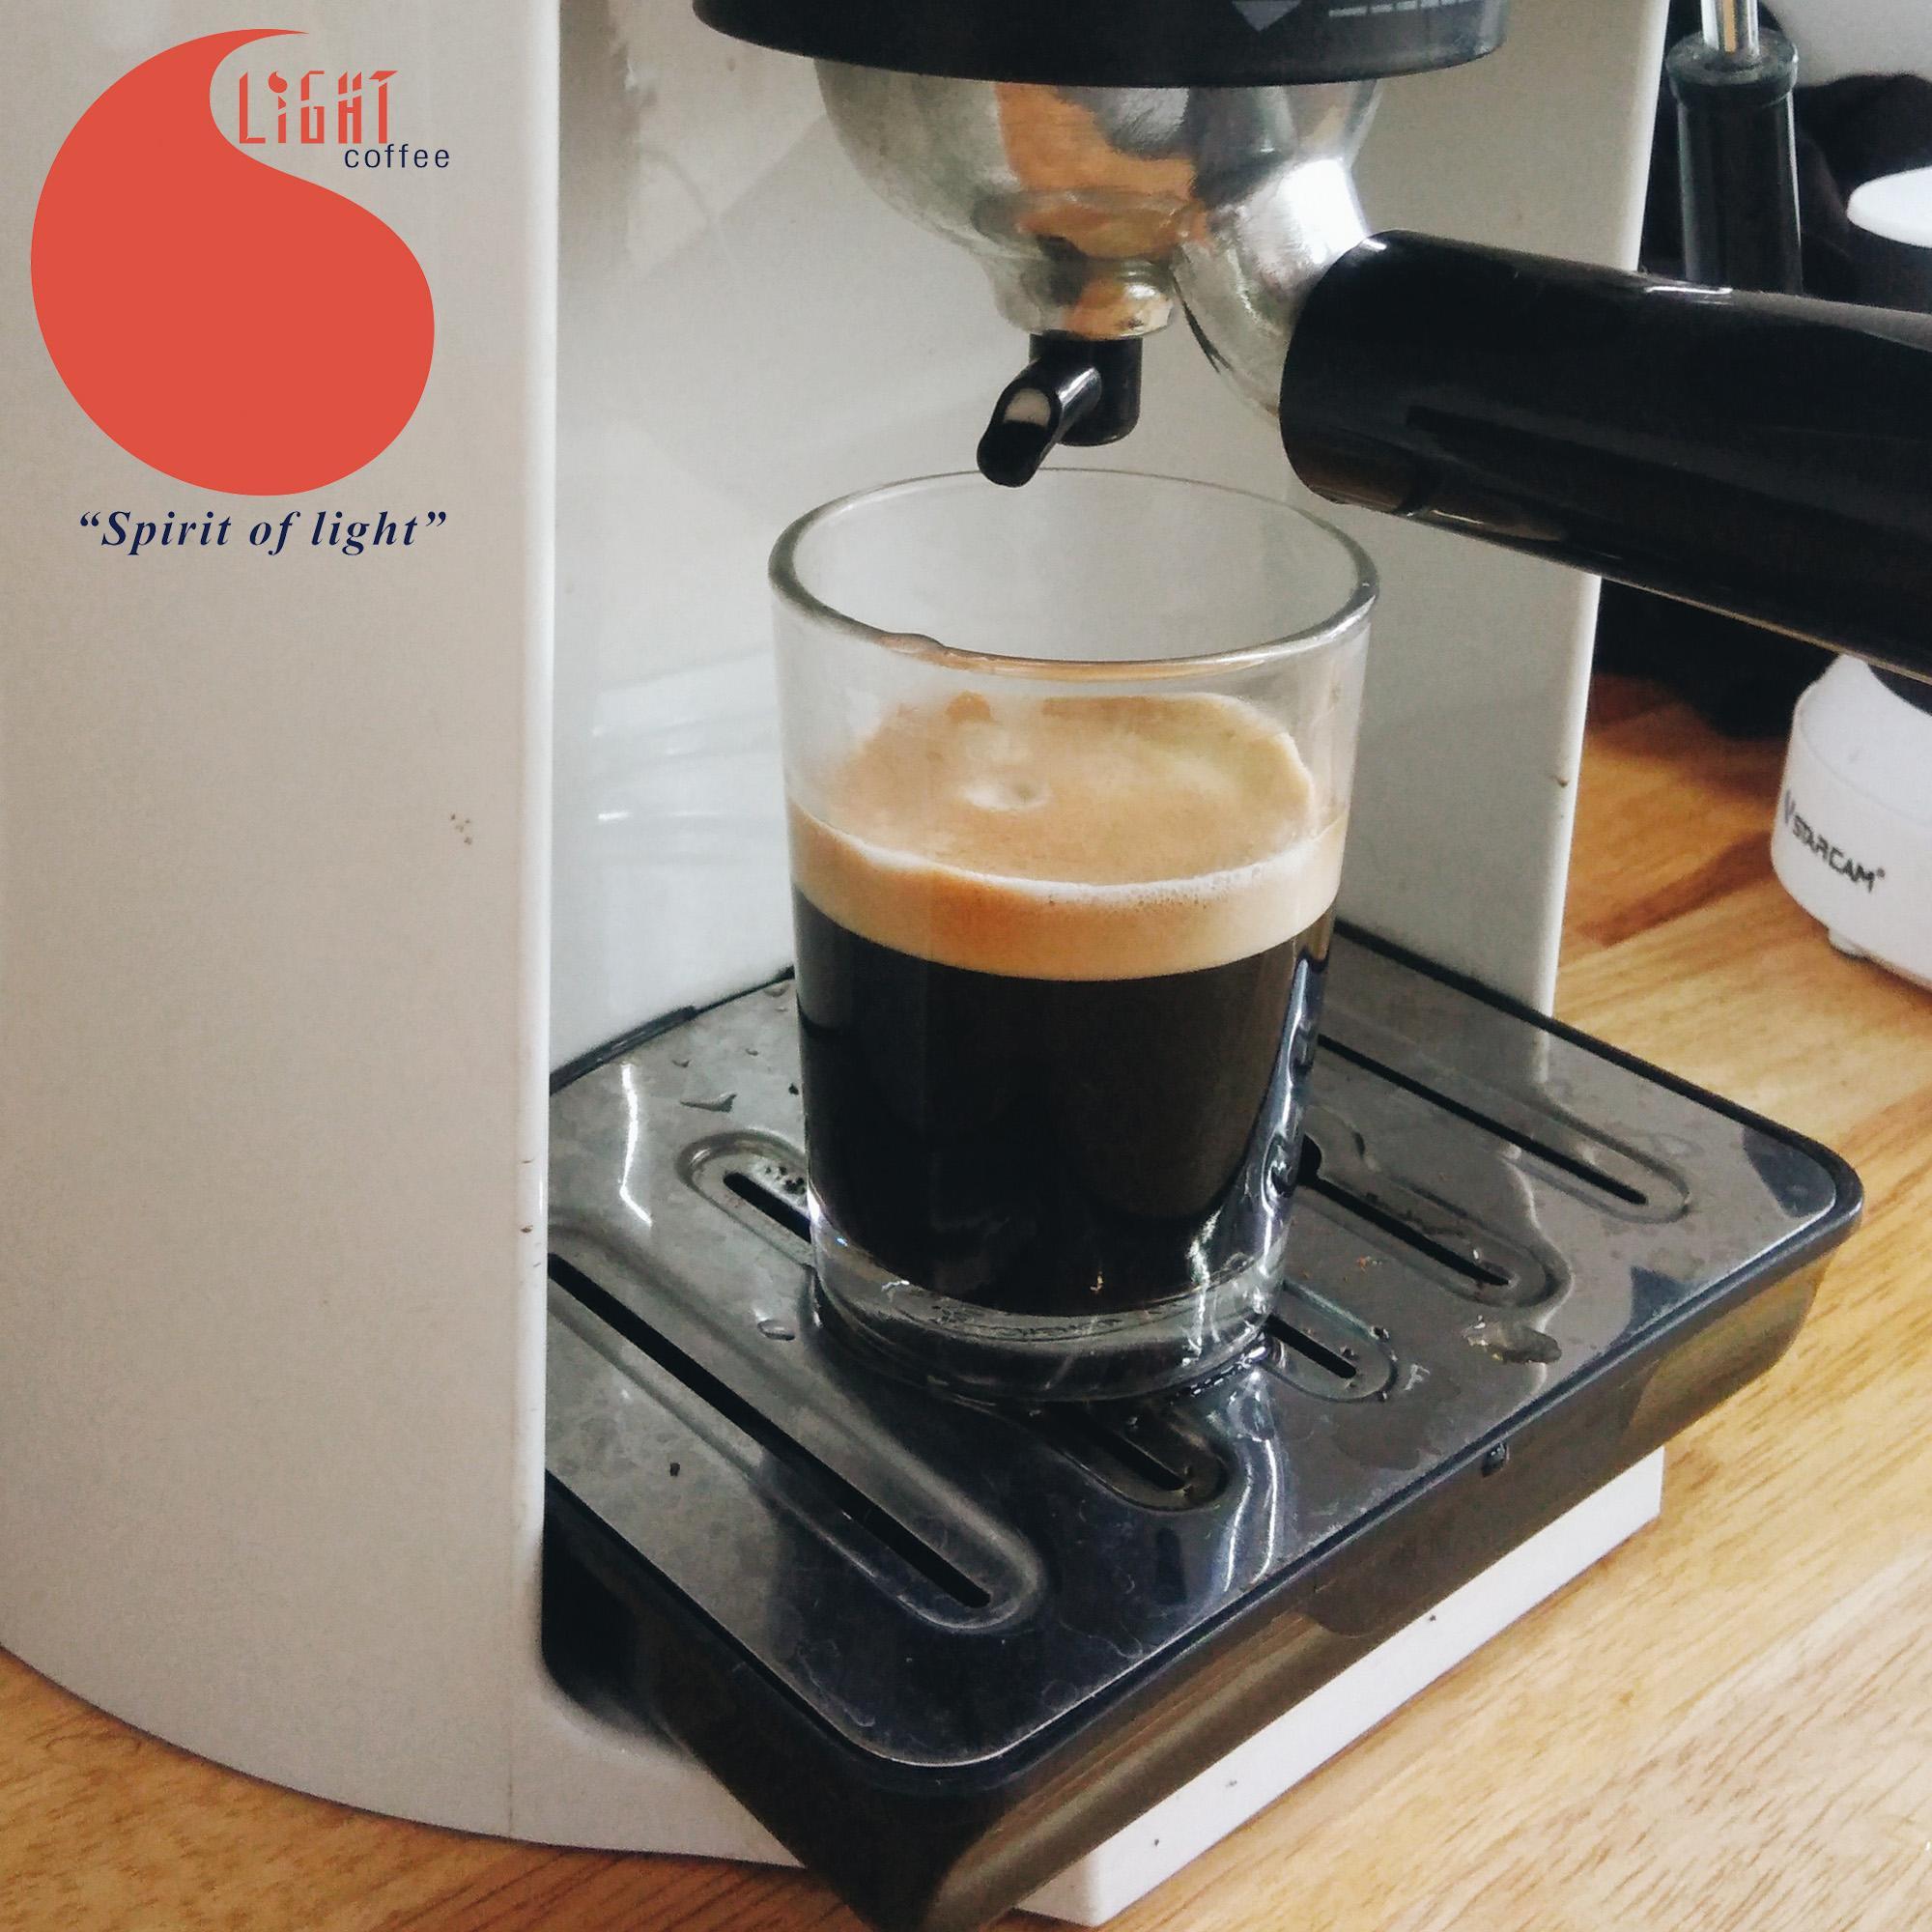 cà phê nguyên chất Light Coffee cafe